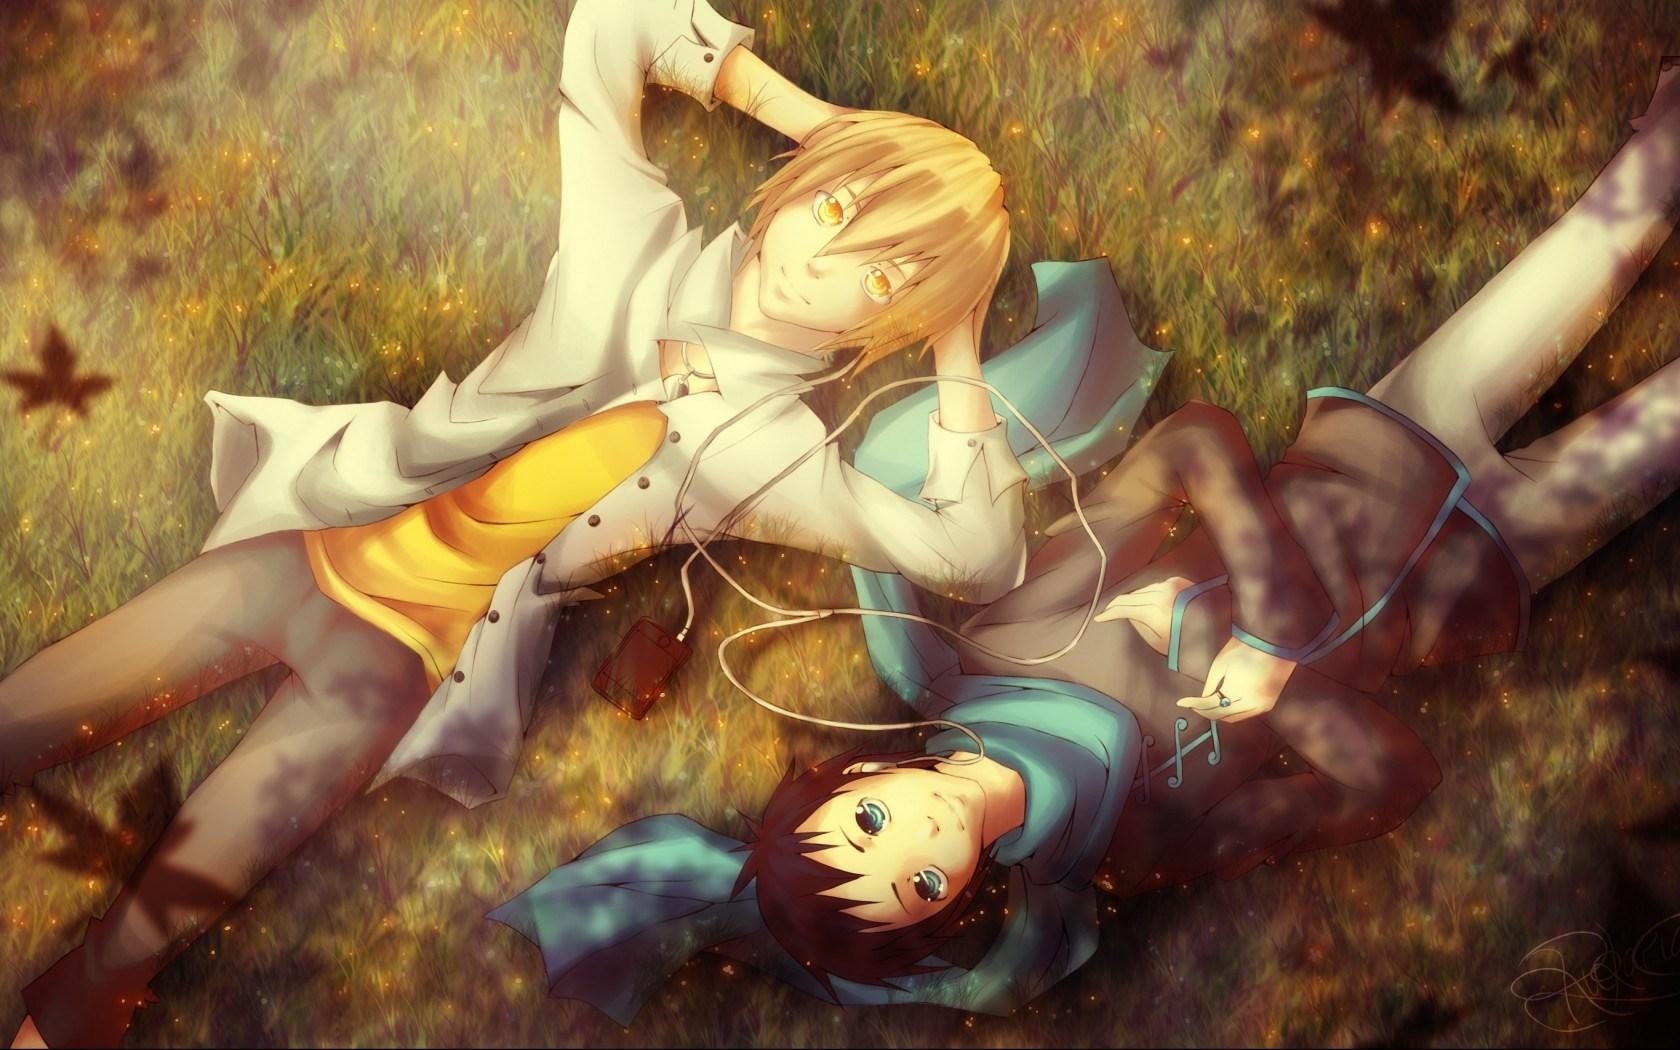 boys anime art